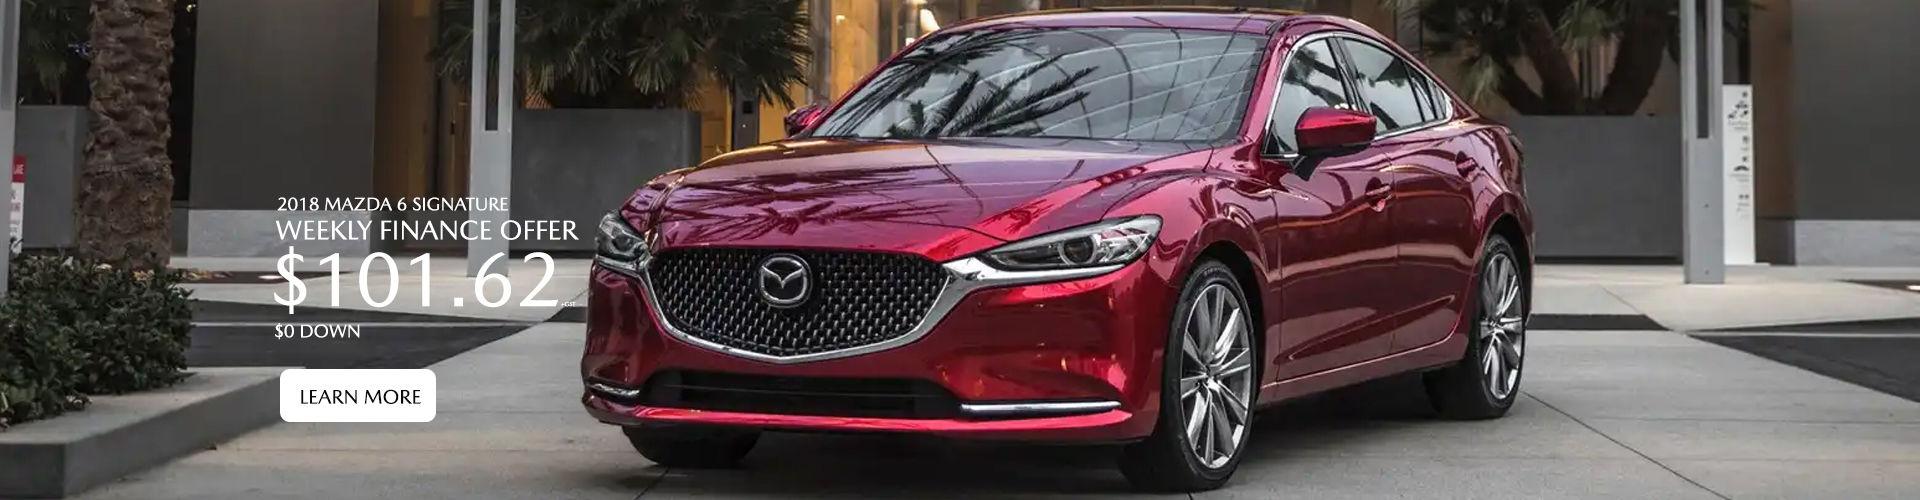 2018 Mazda 6 Final Clearance